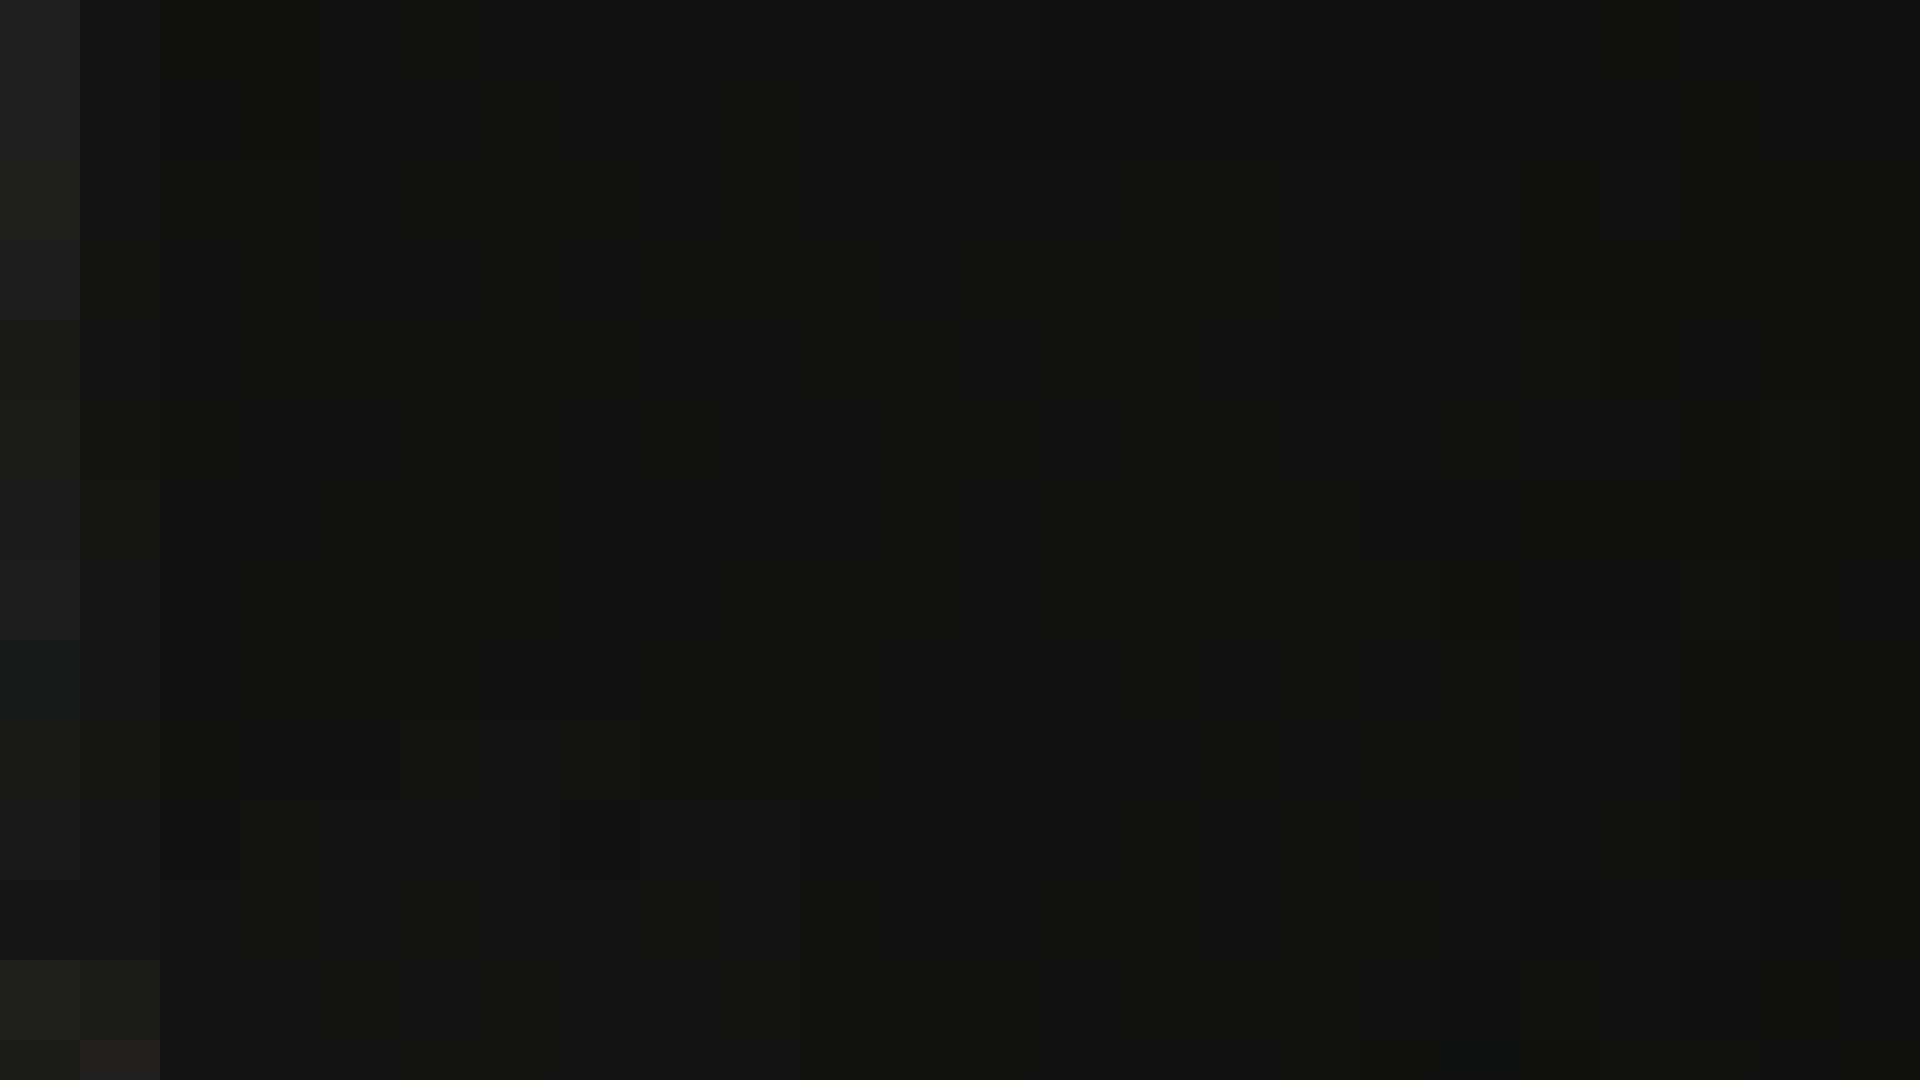 世界の射窓から ステーション編 vol.18 ゴン太 推定600g超過 エッチすぎるOL達  87連発 28